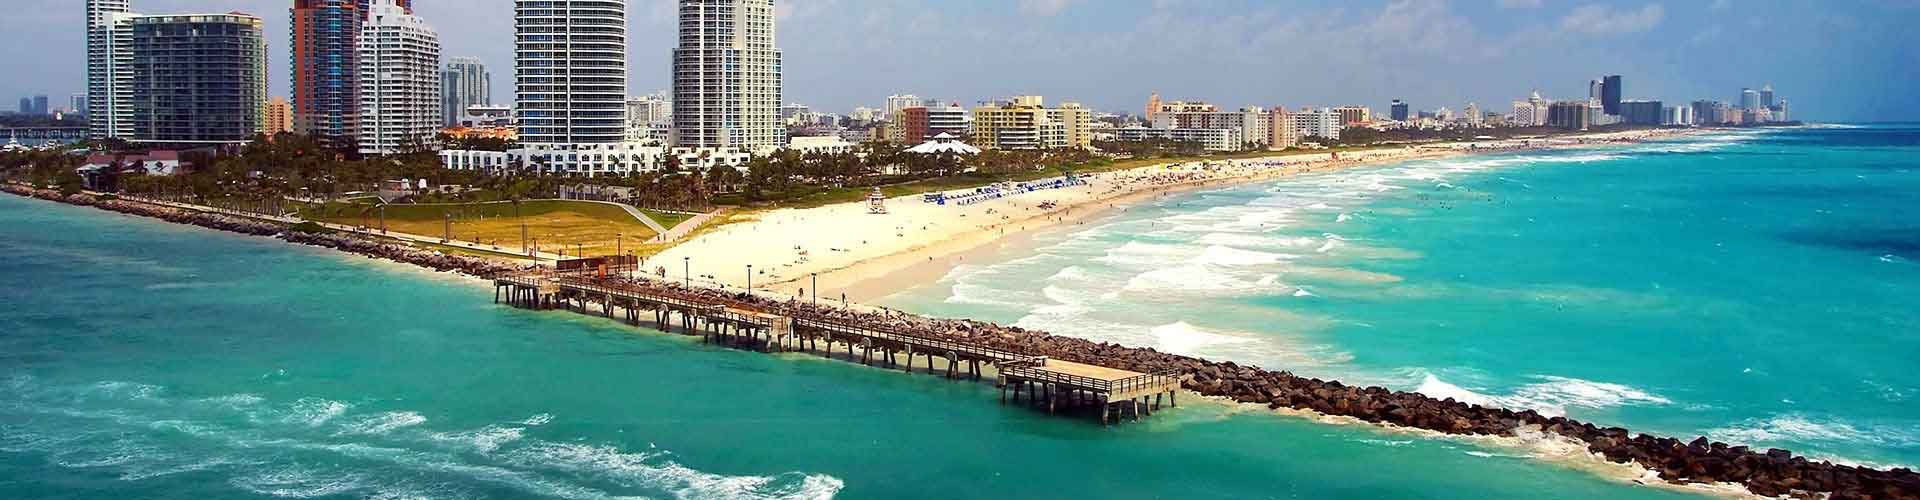 Miami - Lakosztályok Miami. Miami térképek, fotók és ajánlások minden egyes Miami lakosztályról.